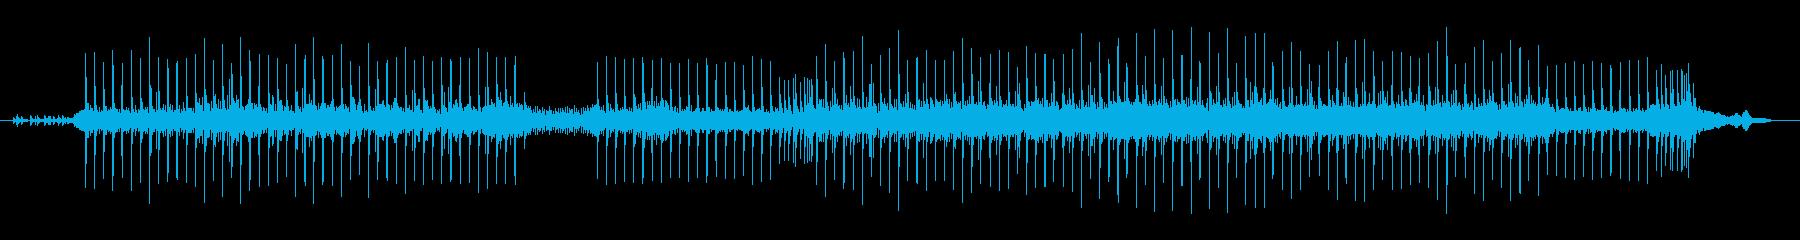 未来的なサウンドの再生済みの波形